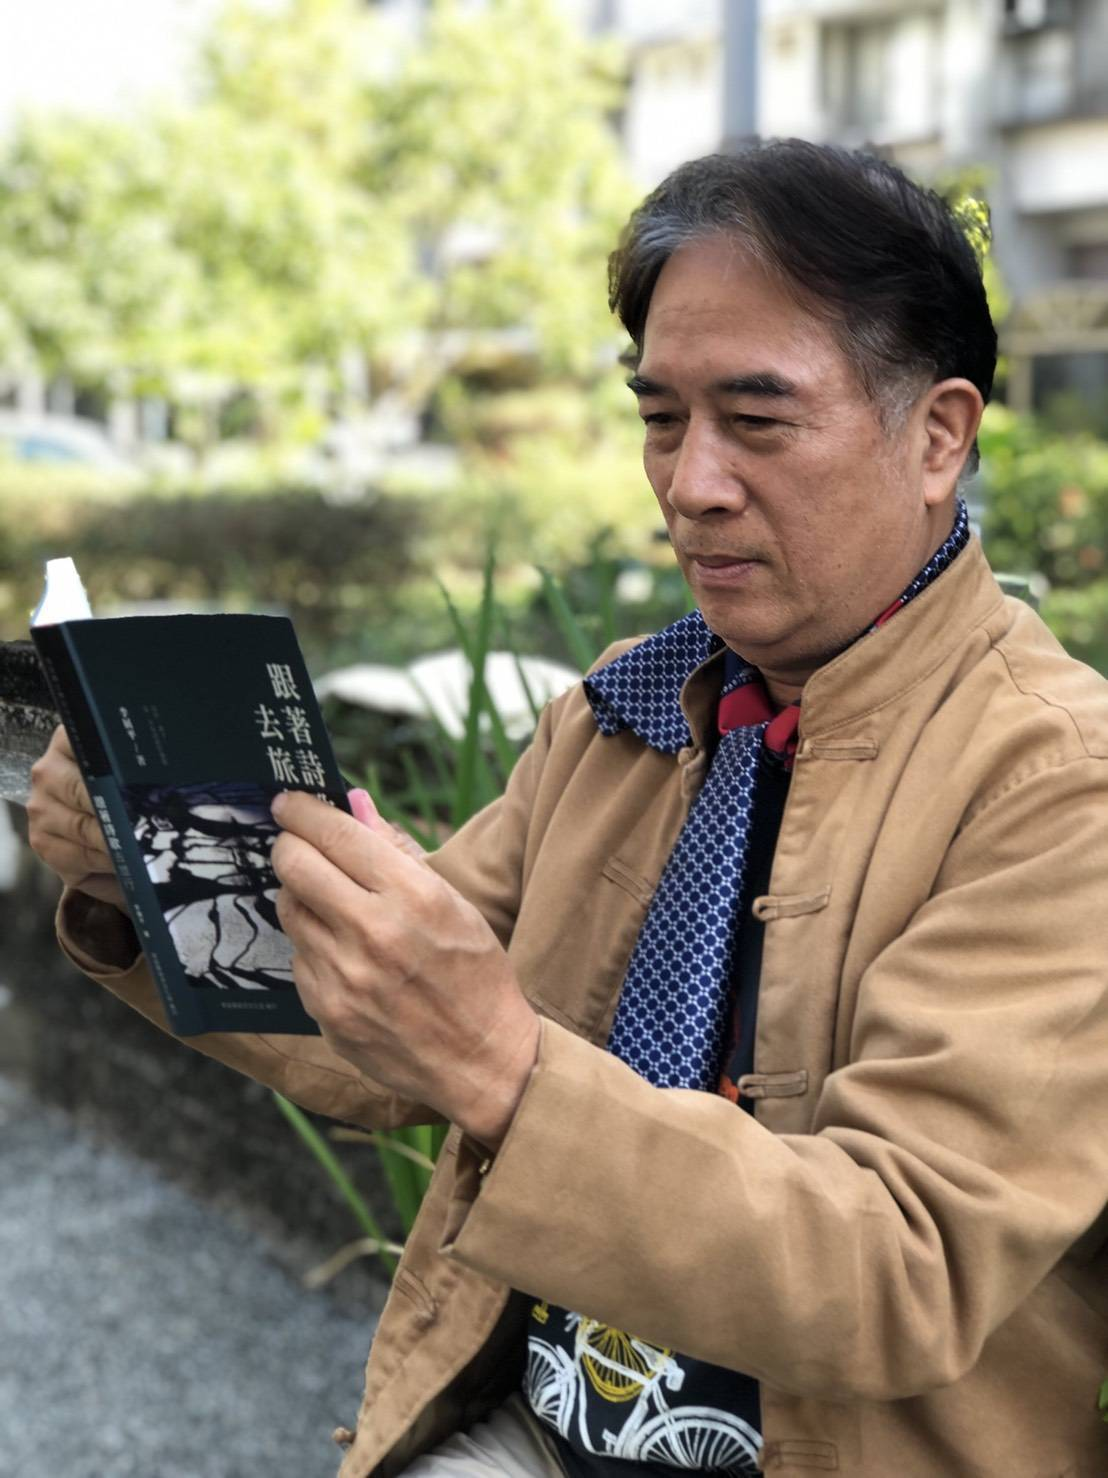 李展平說:「65歲重出文學獎賽事,幸能獲獎,說明年齡不是問題,發揮生命潛力才是重...